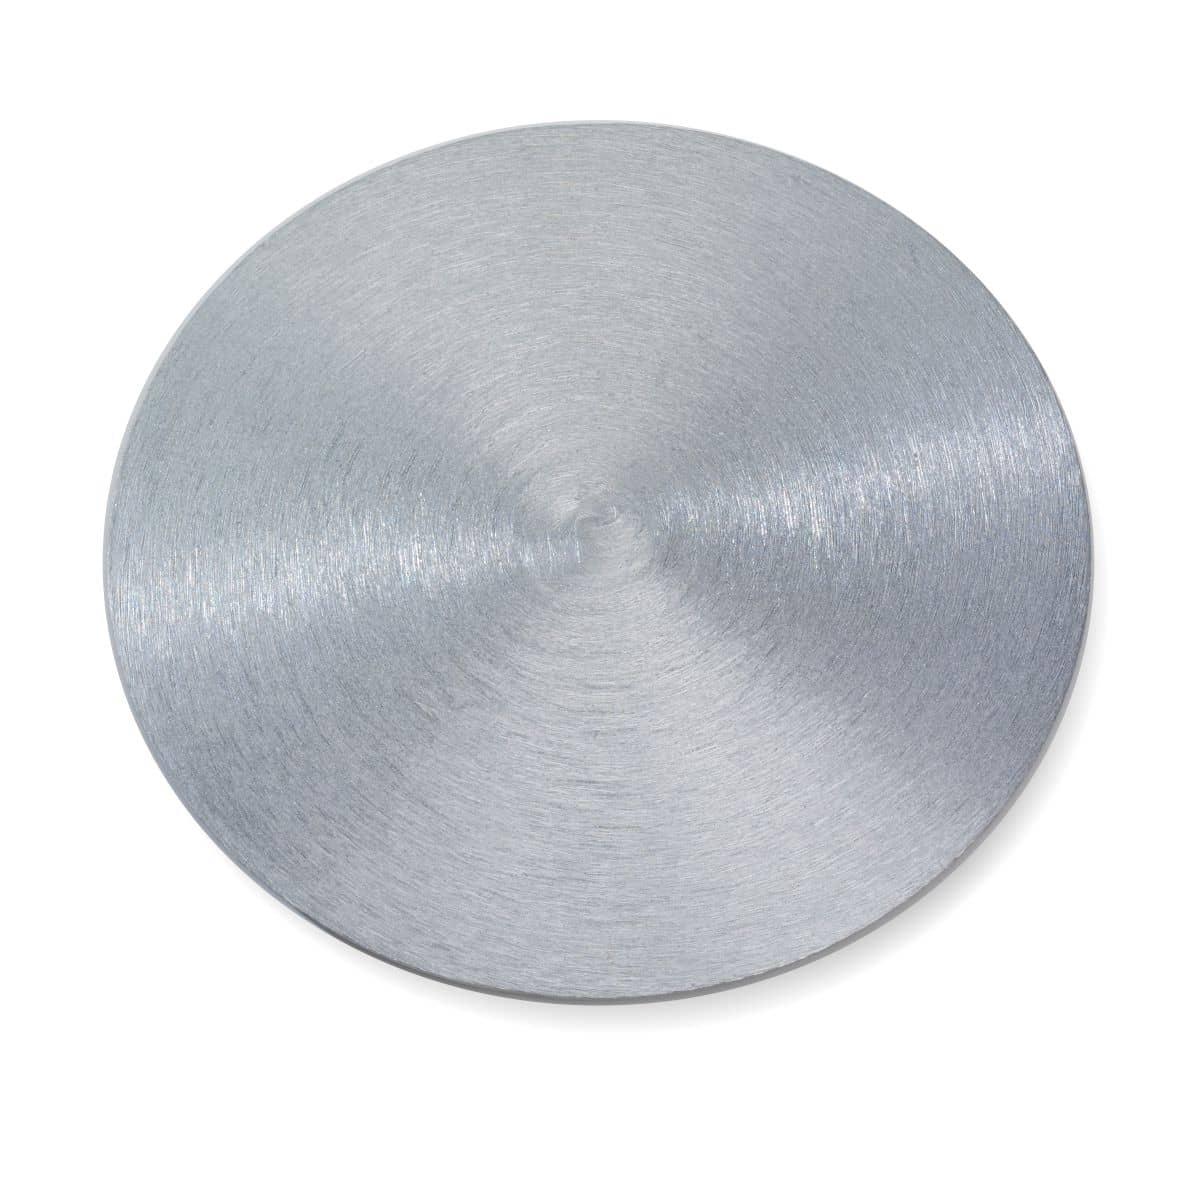 Kerzenteller Alu 140 mm, silber